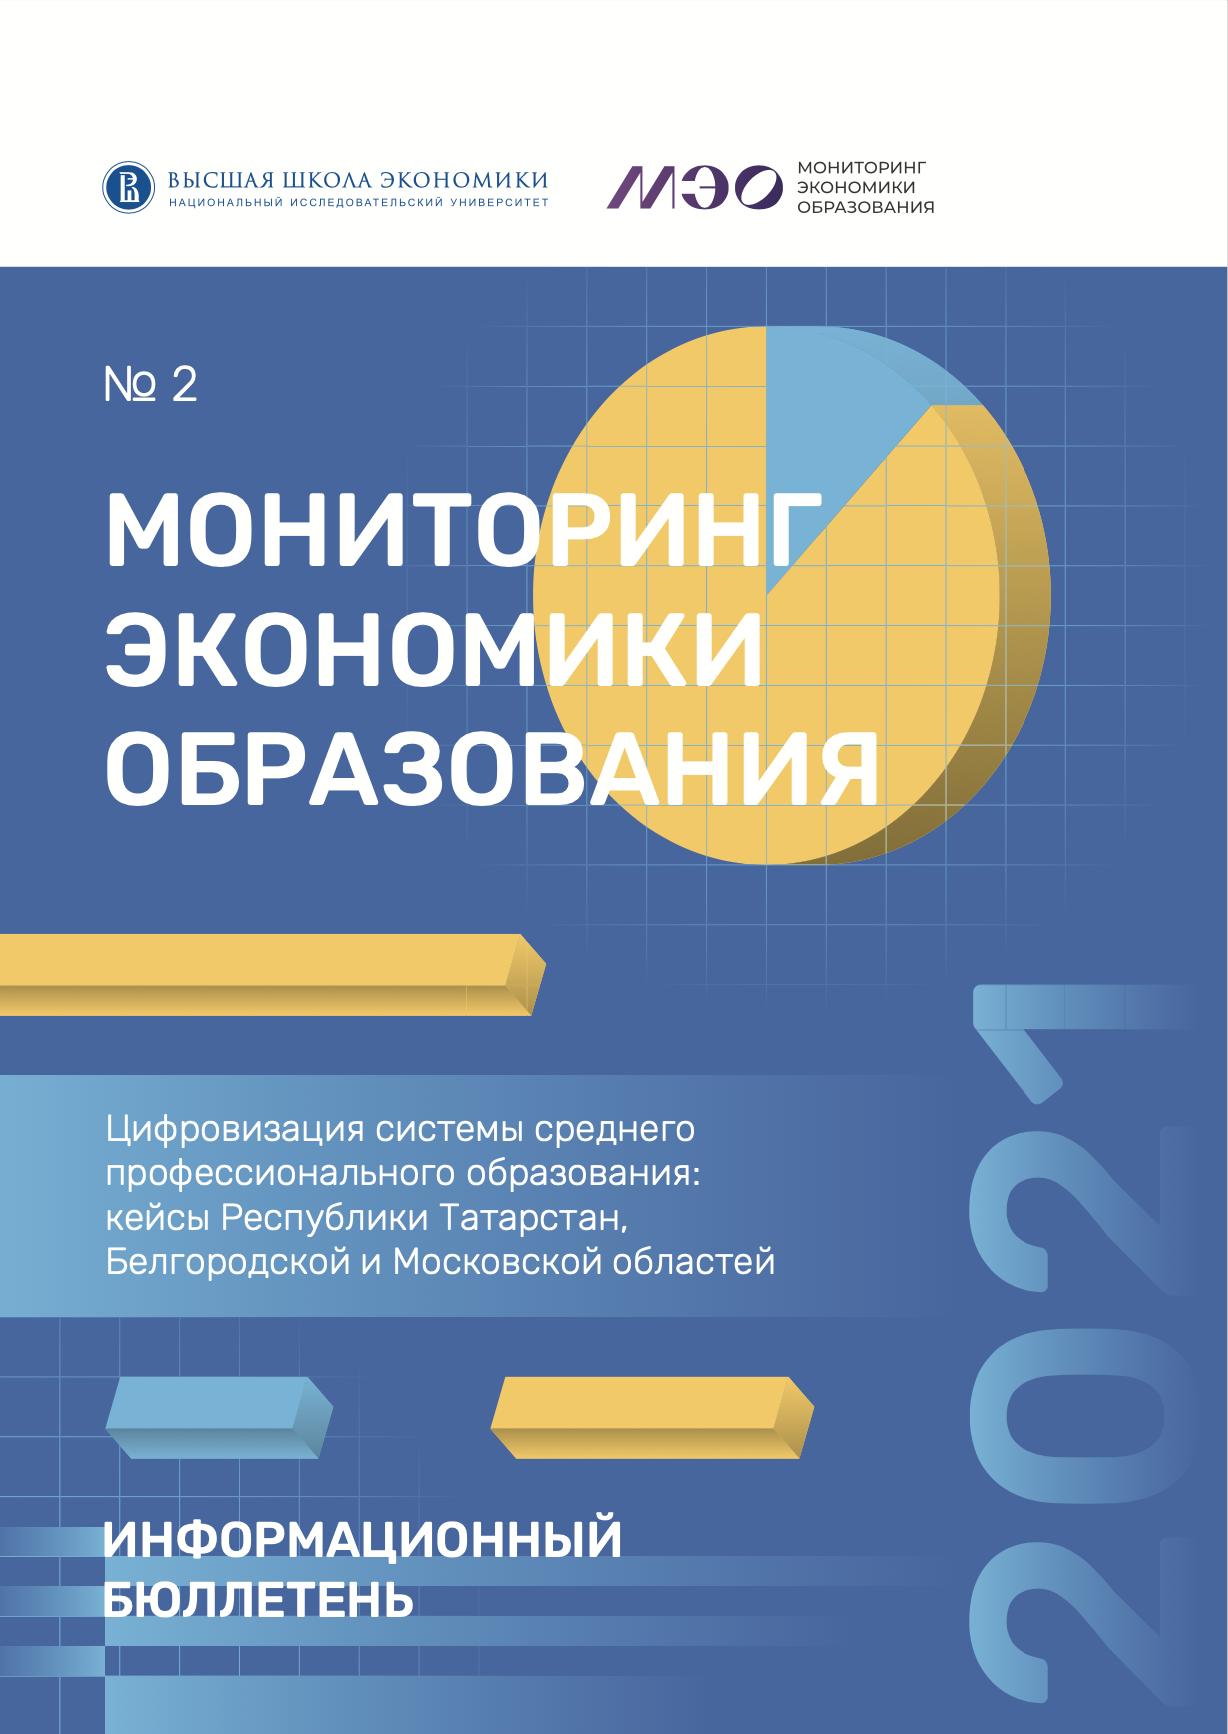 Цифровизация системы среднего профессионального образования: кейсы Республики Татарстан, Белгородской и Московской областей